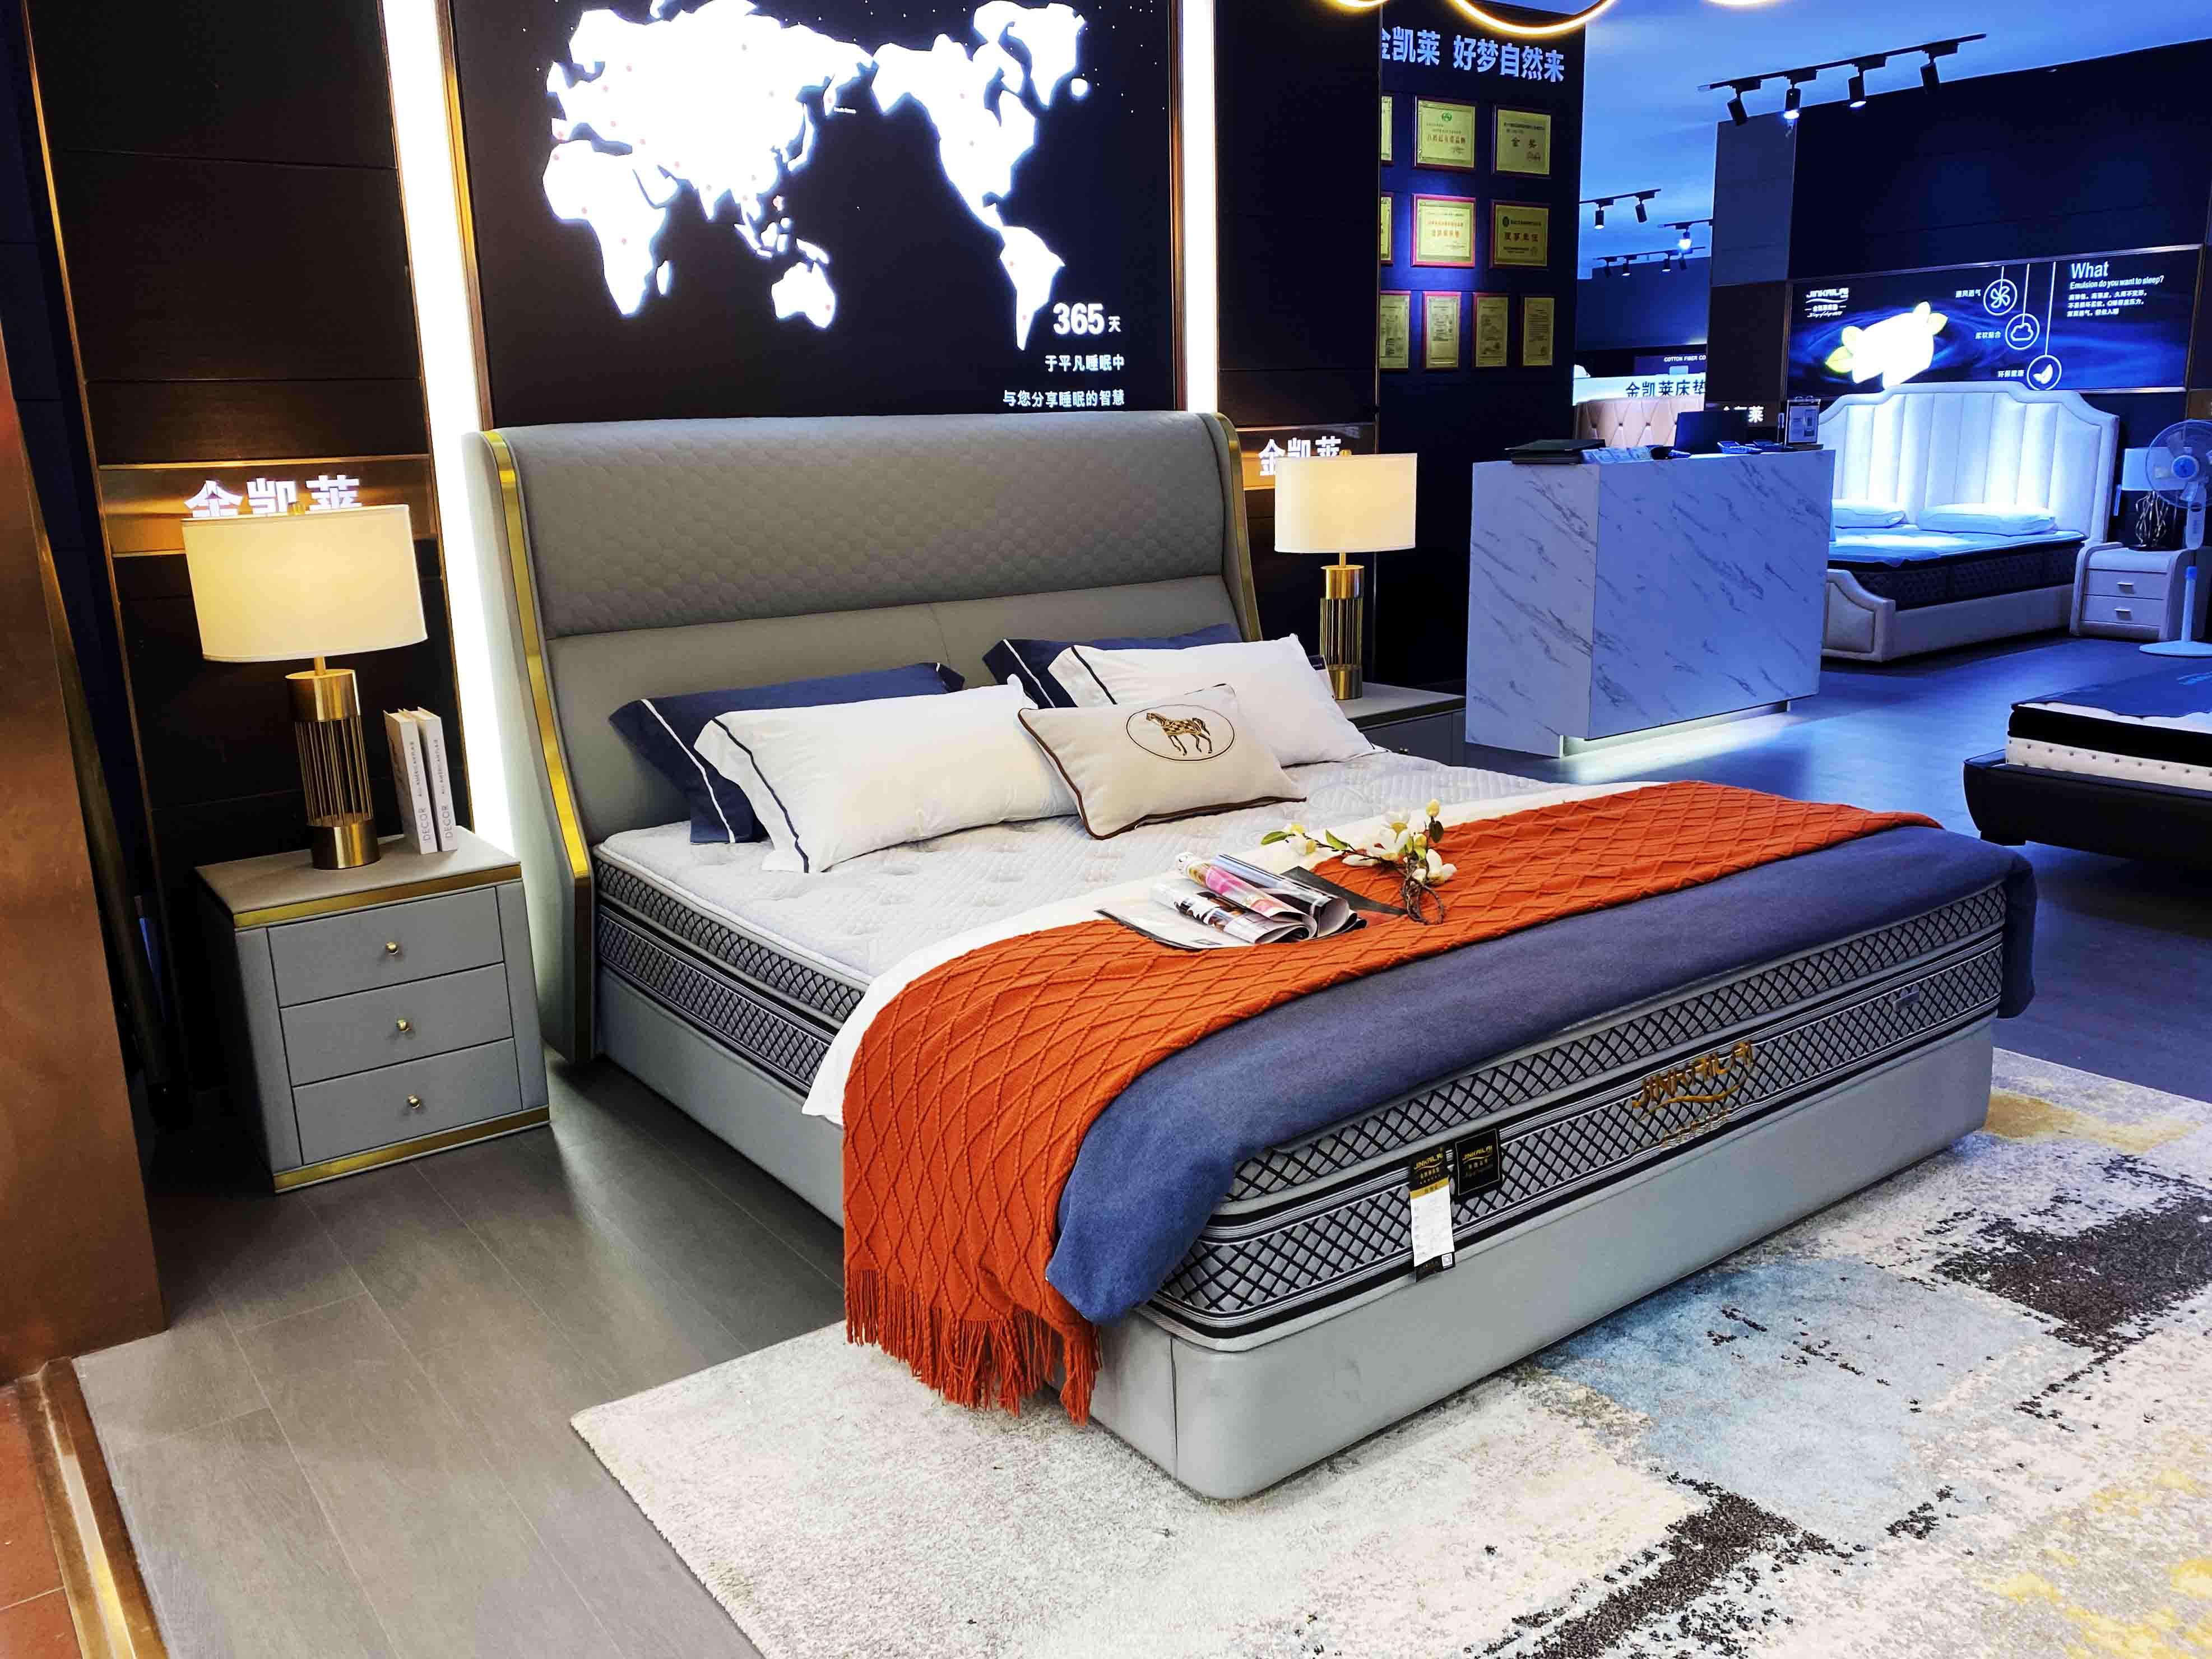 哈尔滨床垫厂给大家介绍关于酒店床垫的一些知识?